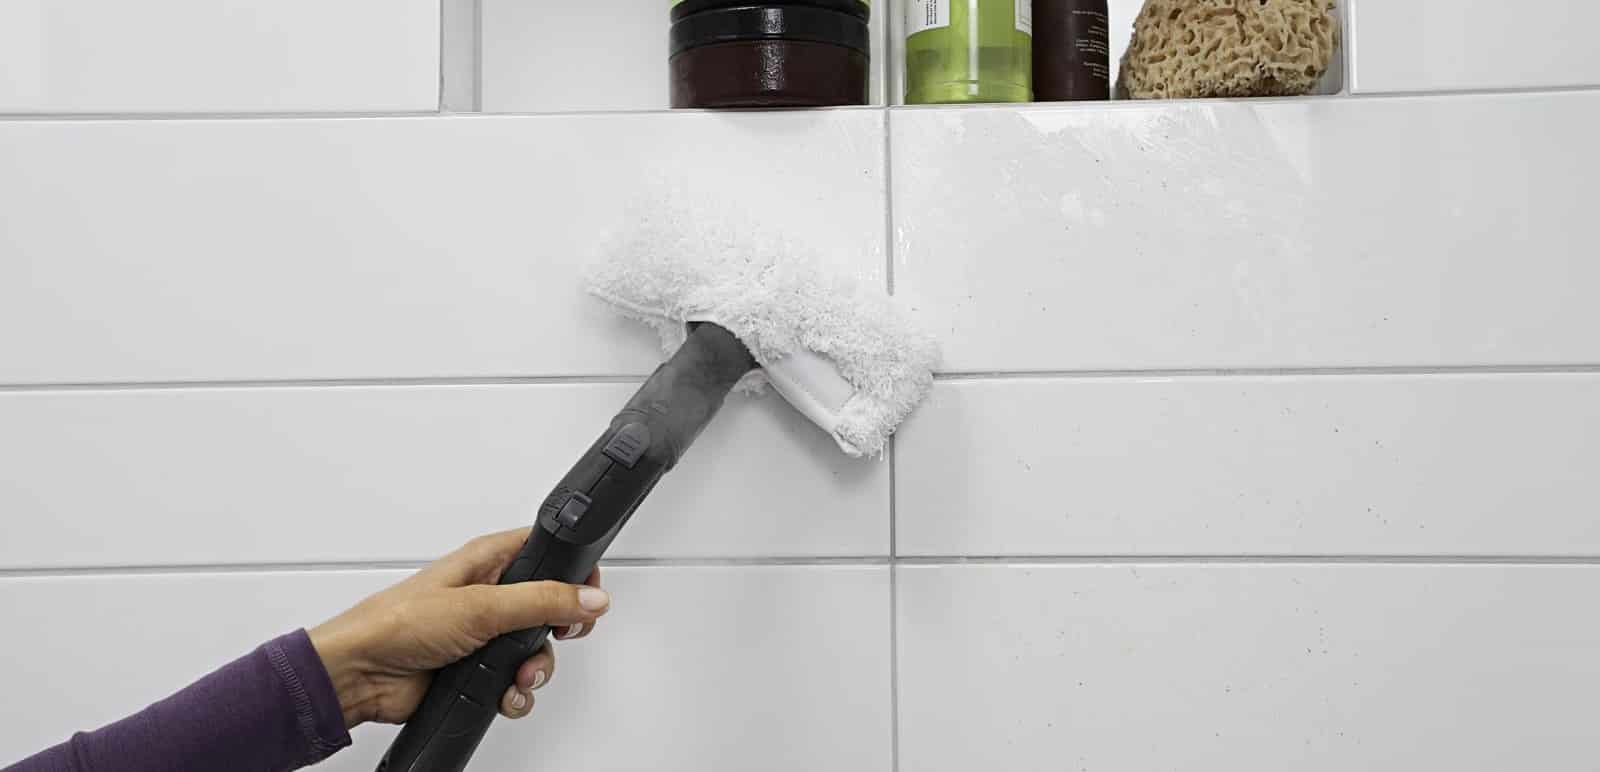 Чем мыть пластиковые панели на кухне